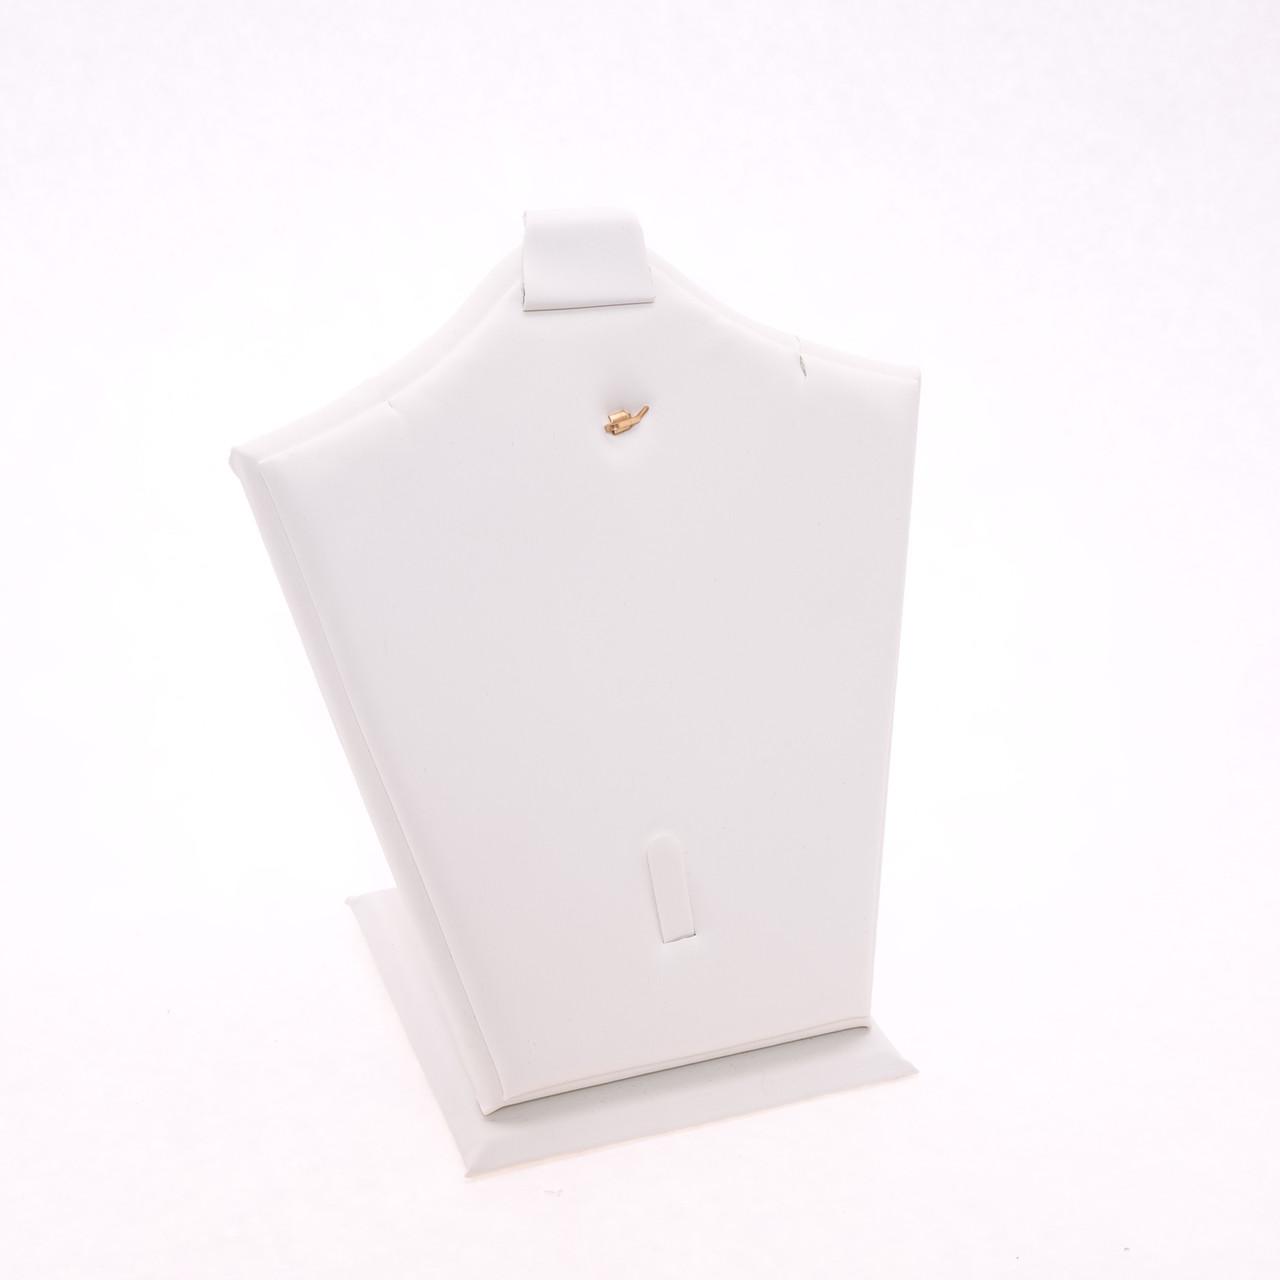 Подставка для набора экокожа белая